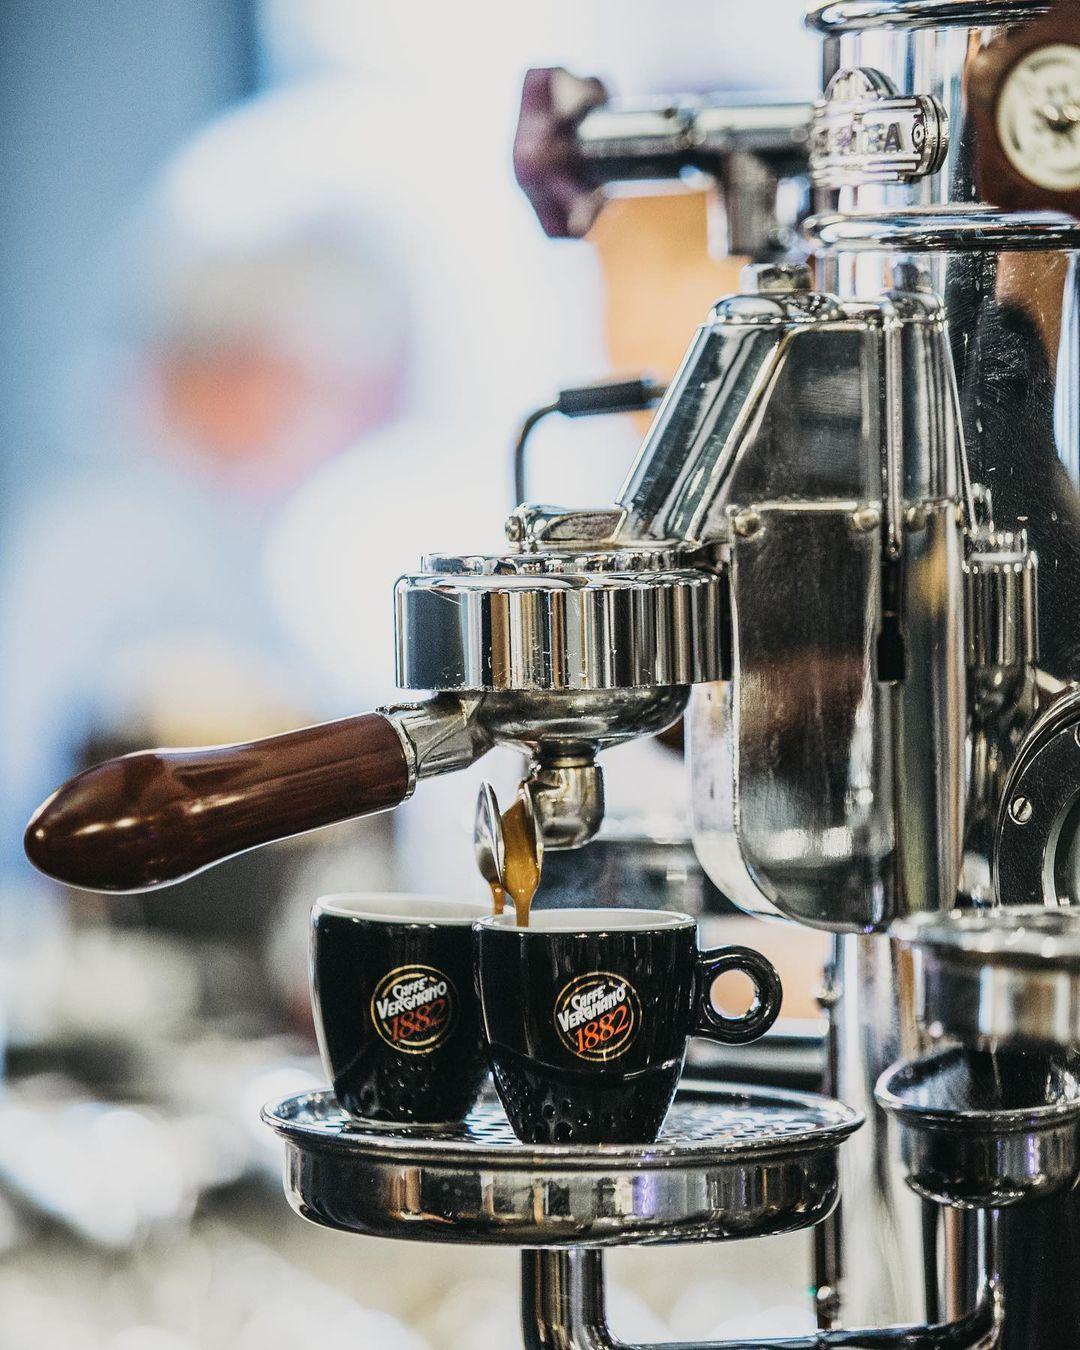 Кофе_Vergnano_caffe _vergnano